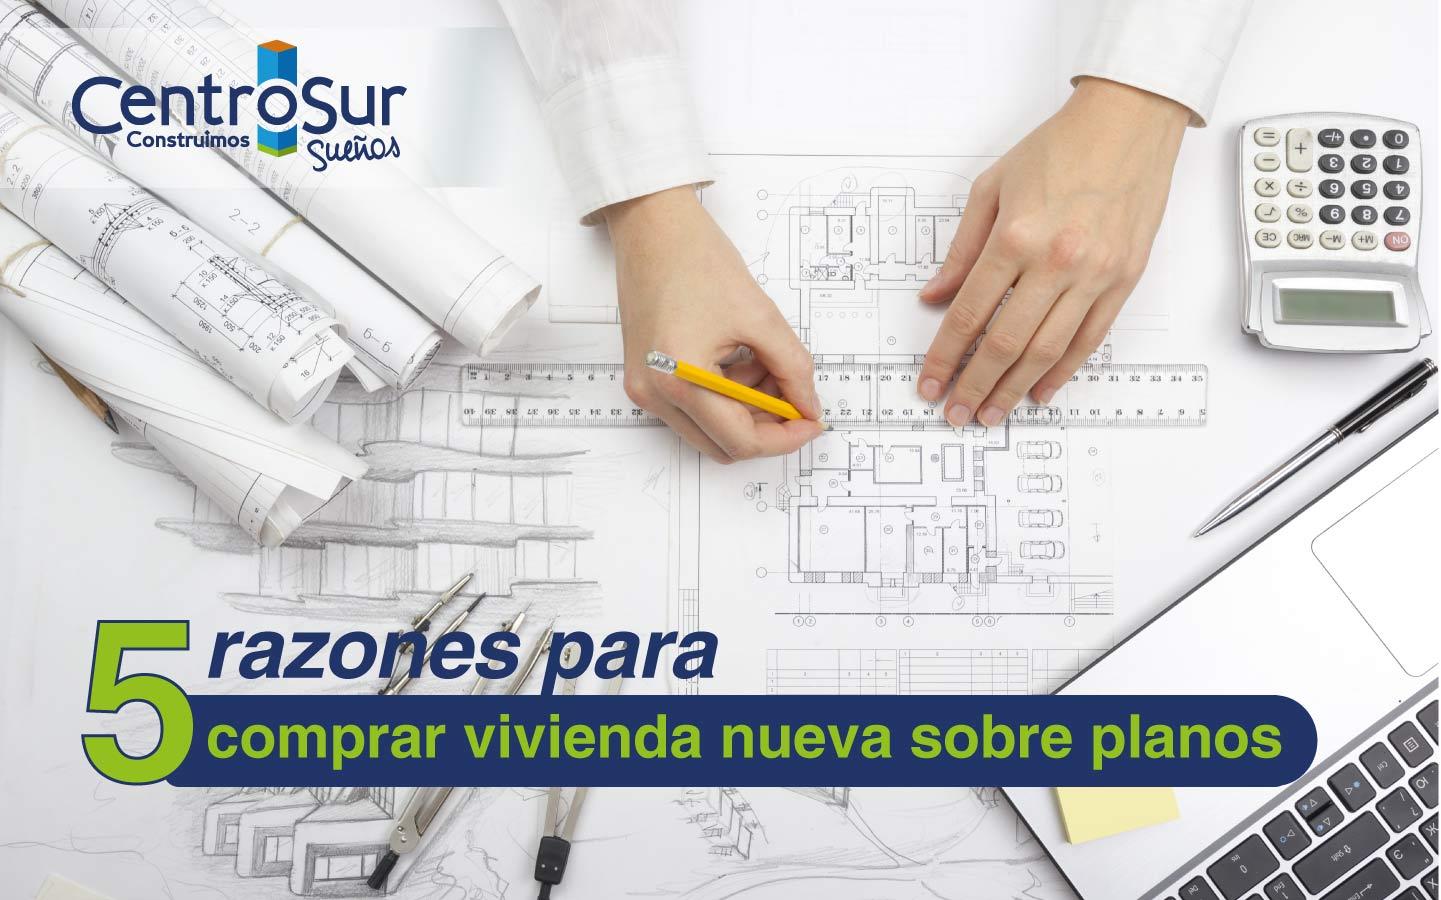 5 razones para comprar vivienda nueva sobre planos